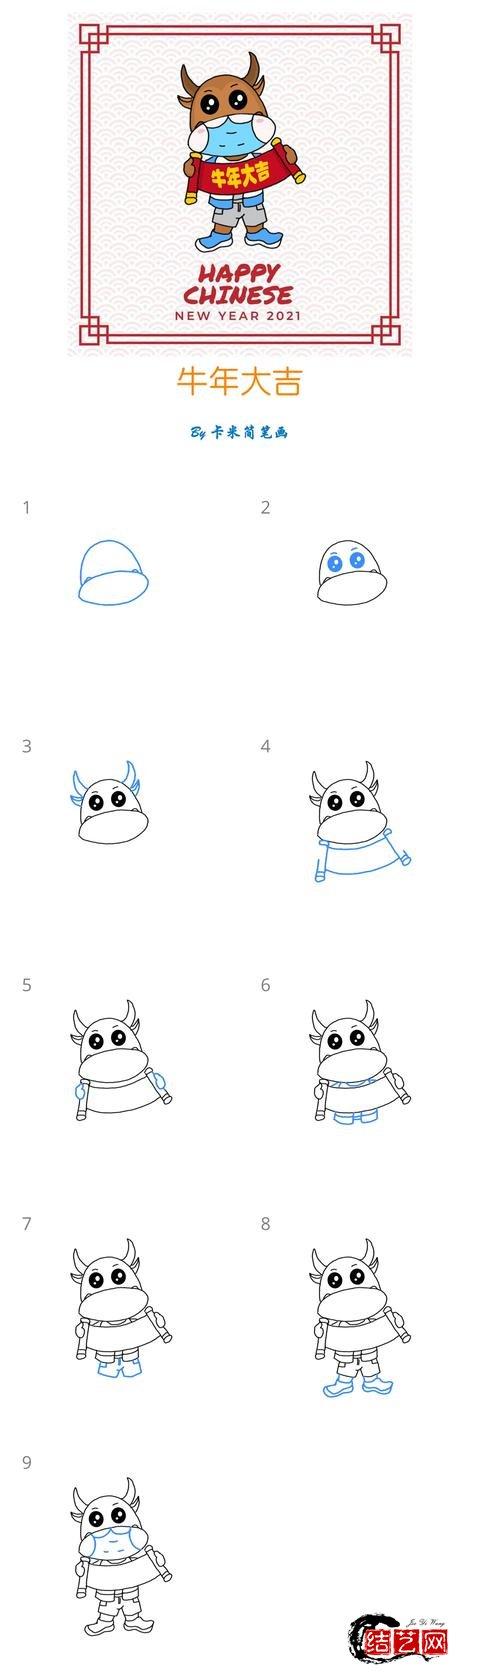 六组牛年新年简笔画,祝大家新年快乐